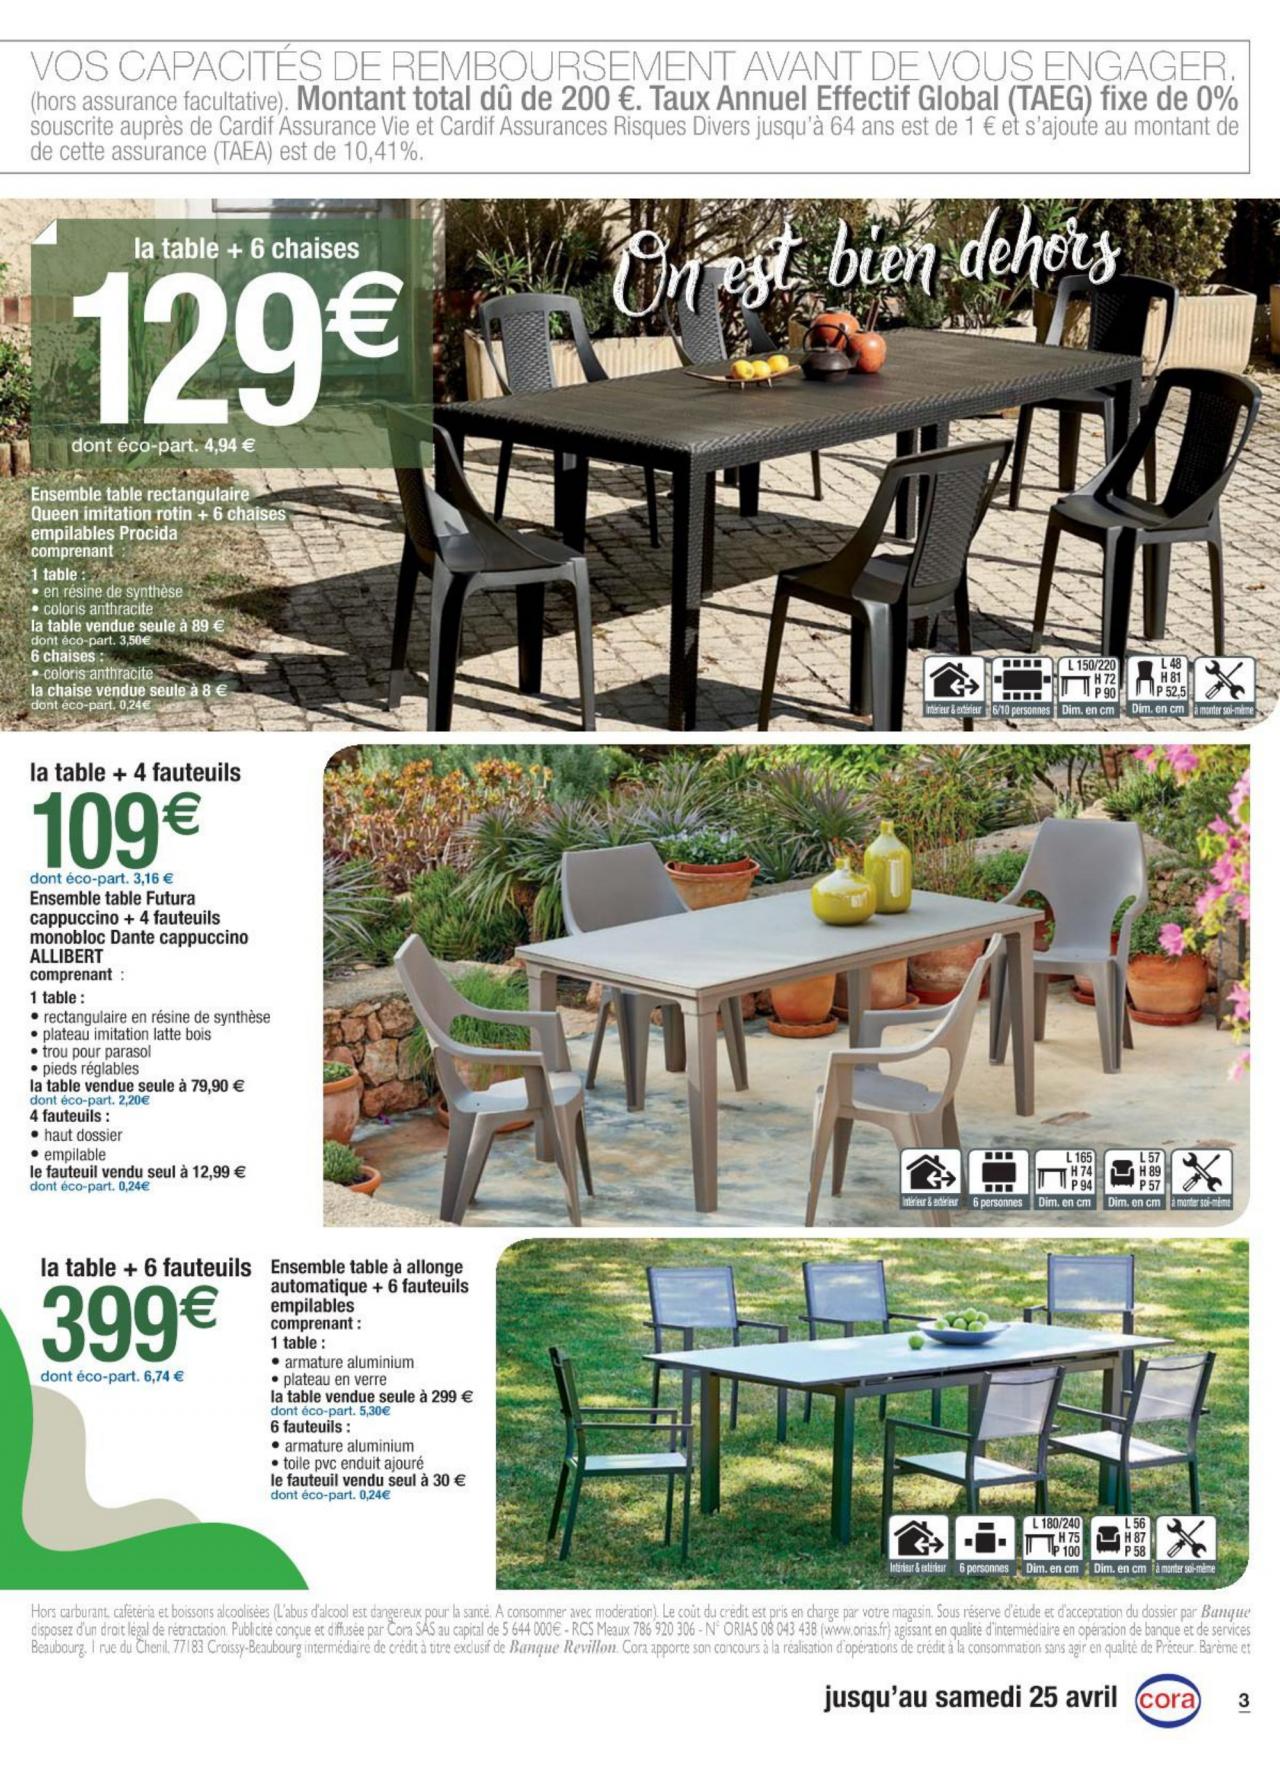 Prospectus Cora Du 07/04/2020 | Kupino.fr destiné Salon De Jardin Cora